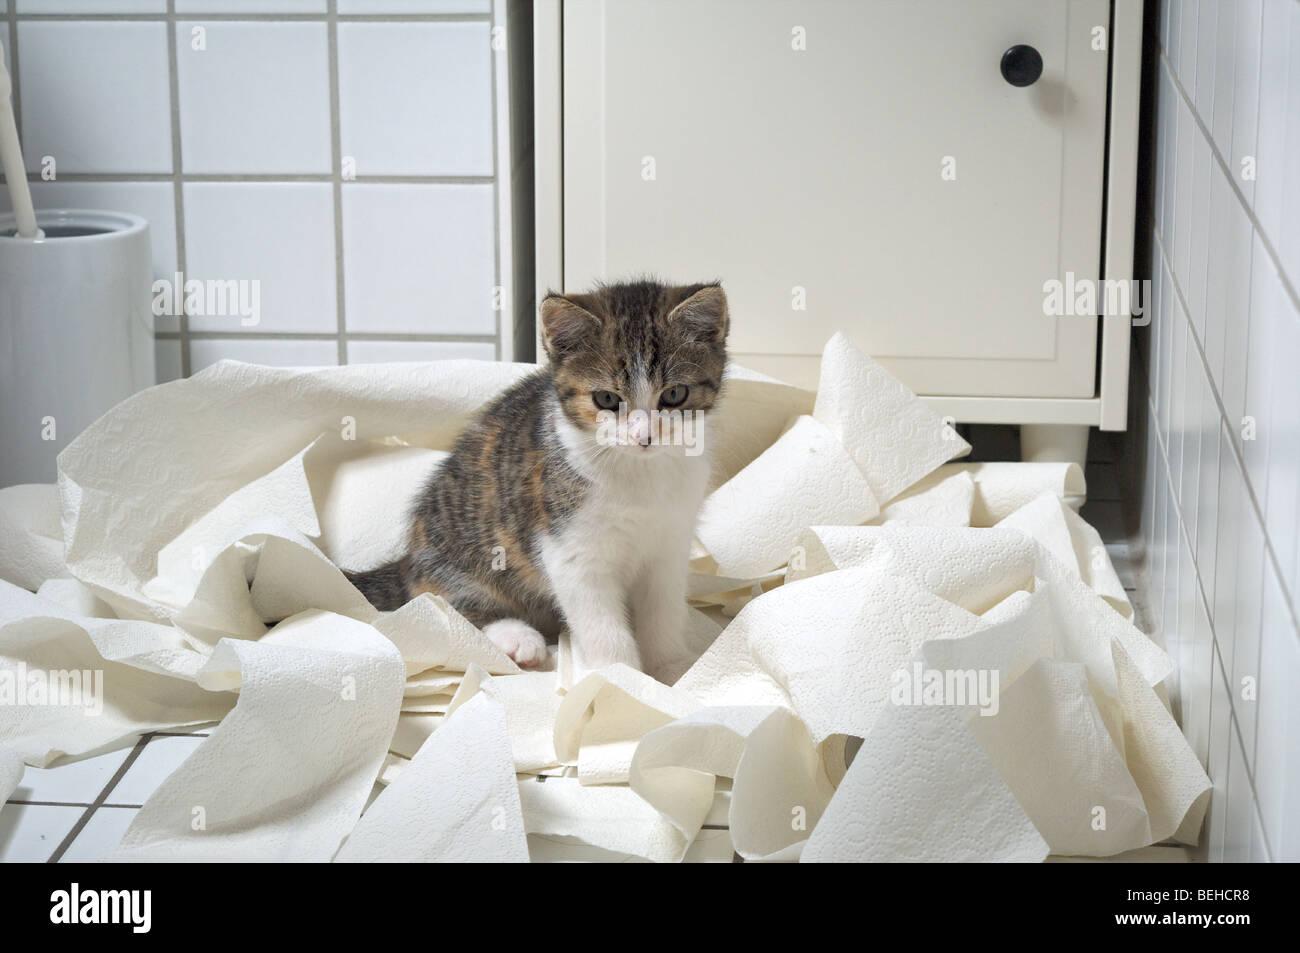 Chaton est assis dans beaucoup de papier toilette Banque D'Images